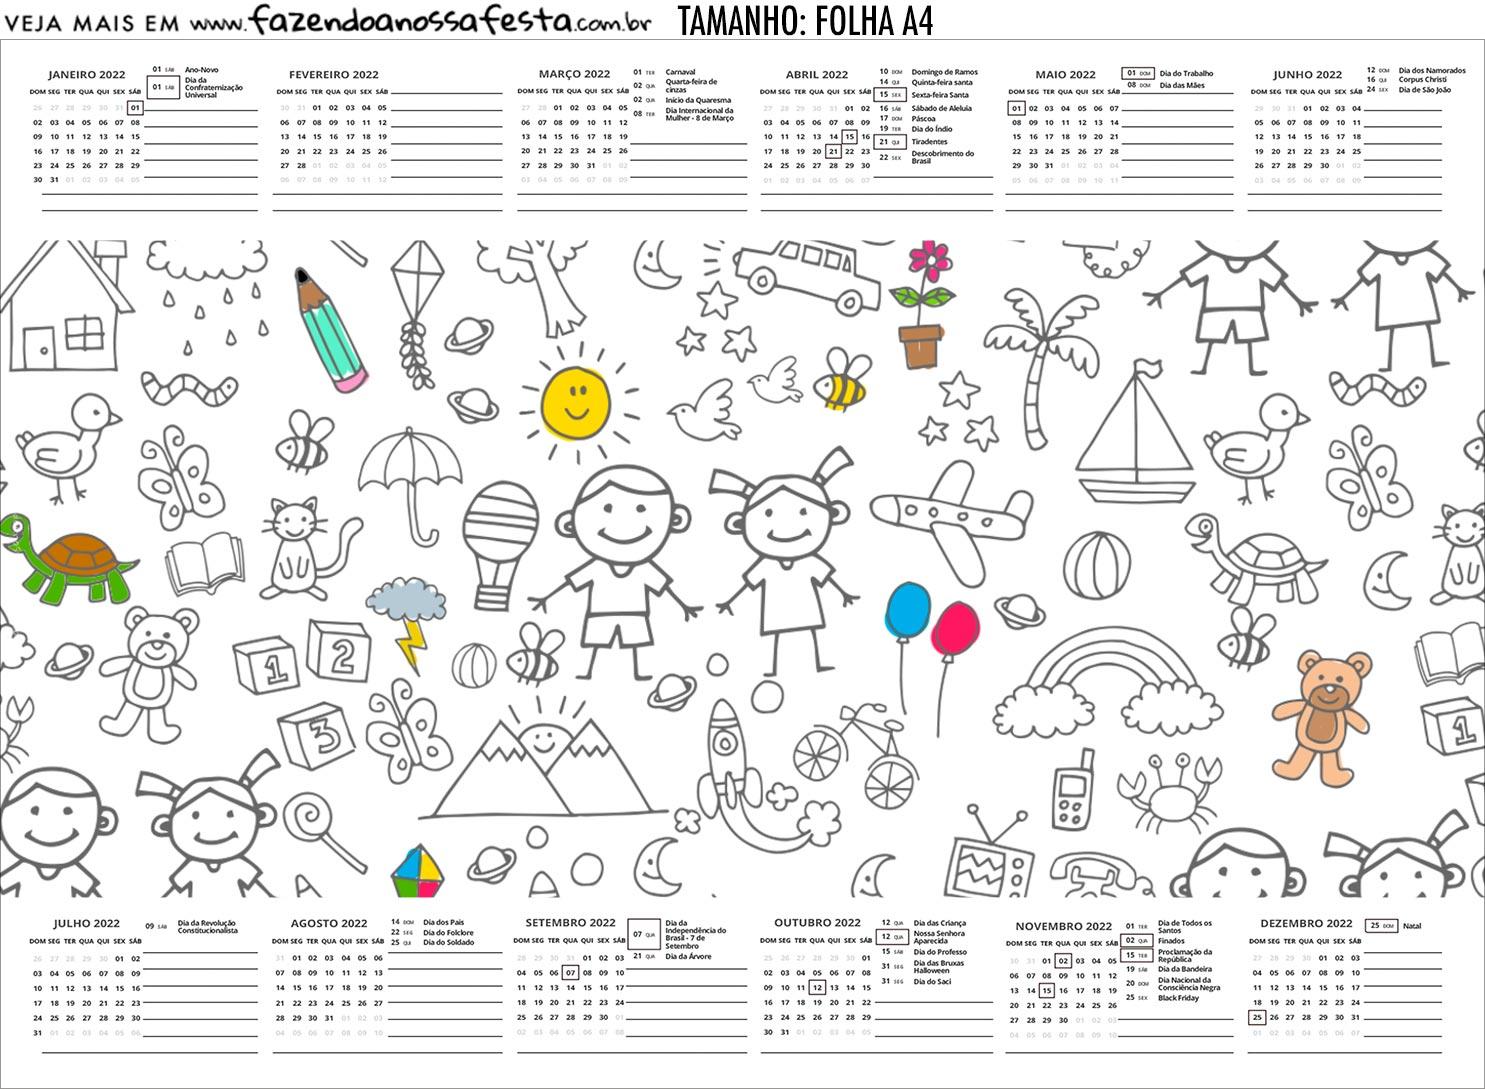 Calendario Personalizado 2020 Dia das Criancas para colorir